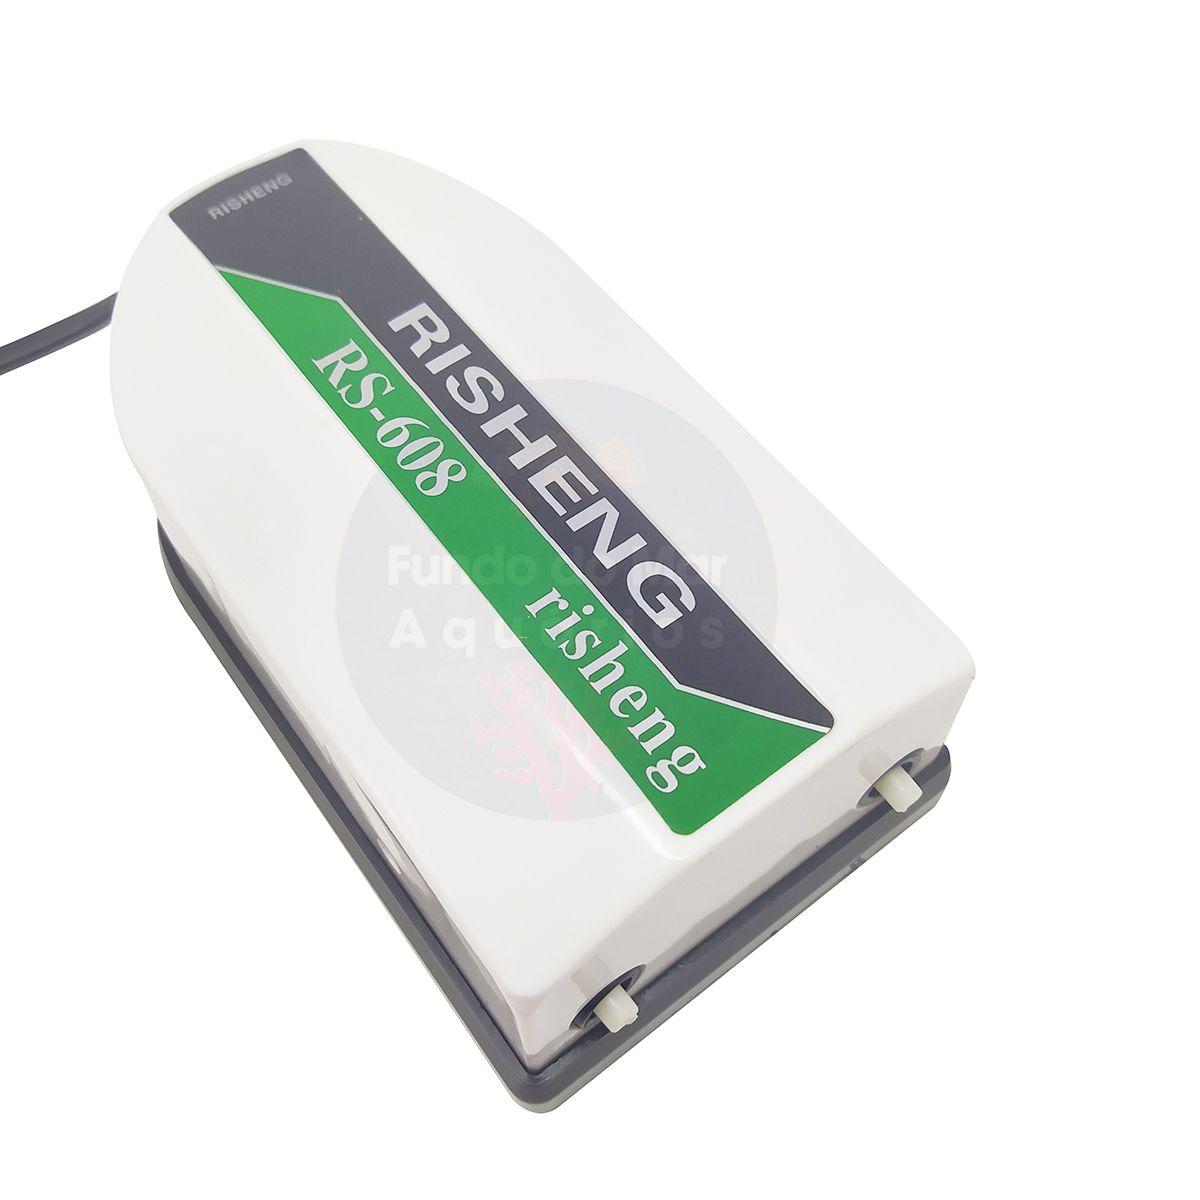 Kit Completo Compressor de Ar RS Electrical  RS 608 220v